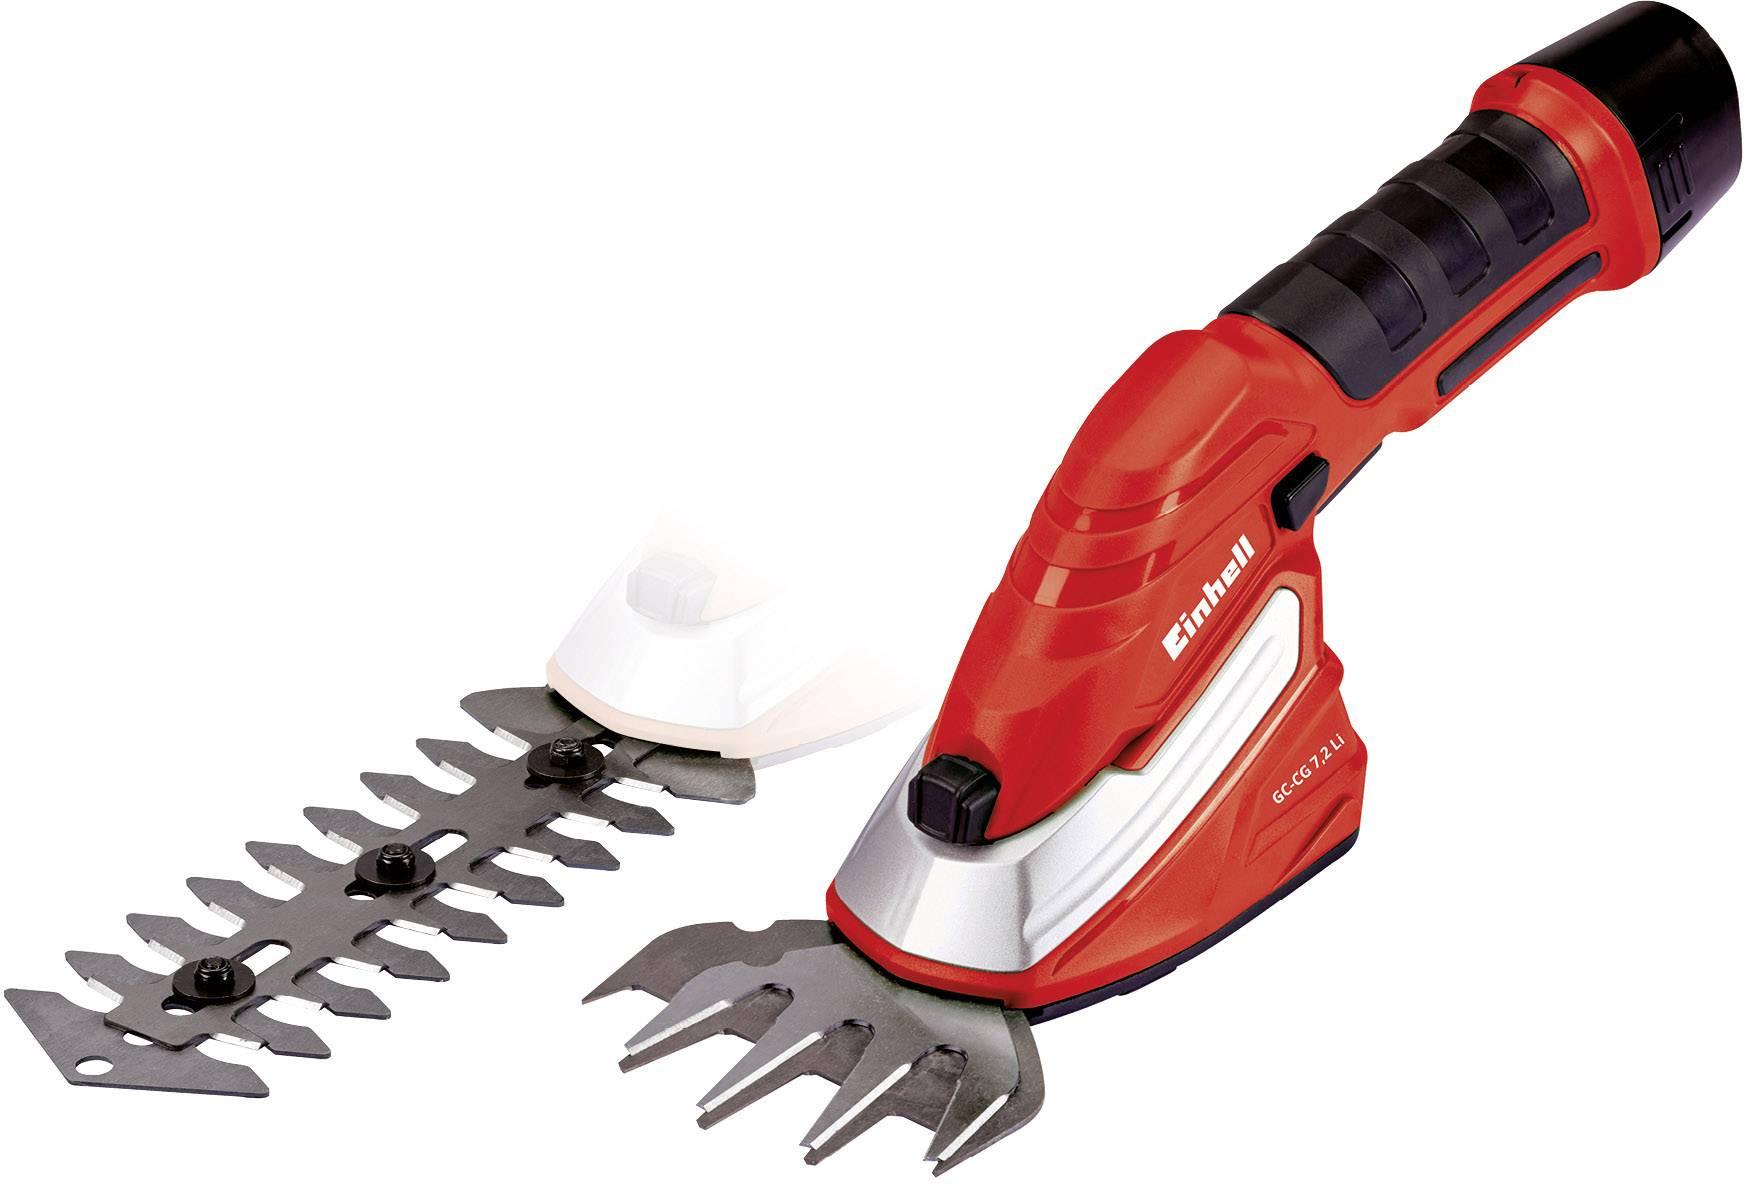 Akumulátorová nůžky na keře, nůžky na trávu + akumulátor Li-Ion akumulátor Einhell GC-CG 7,2 Li